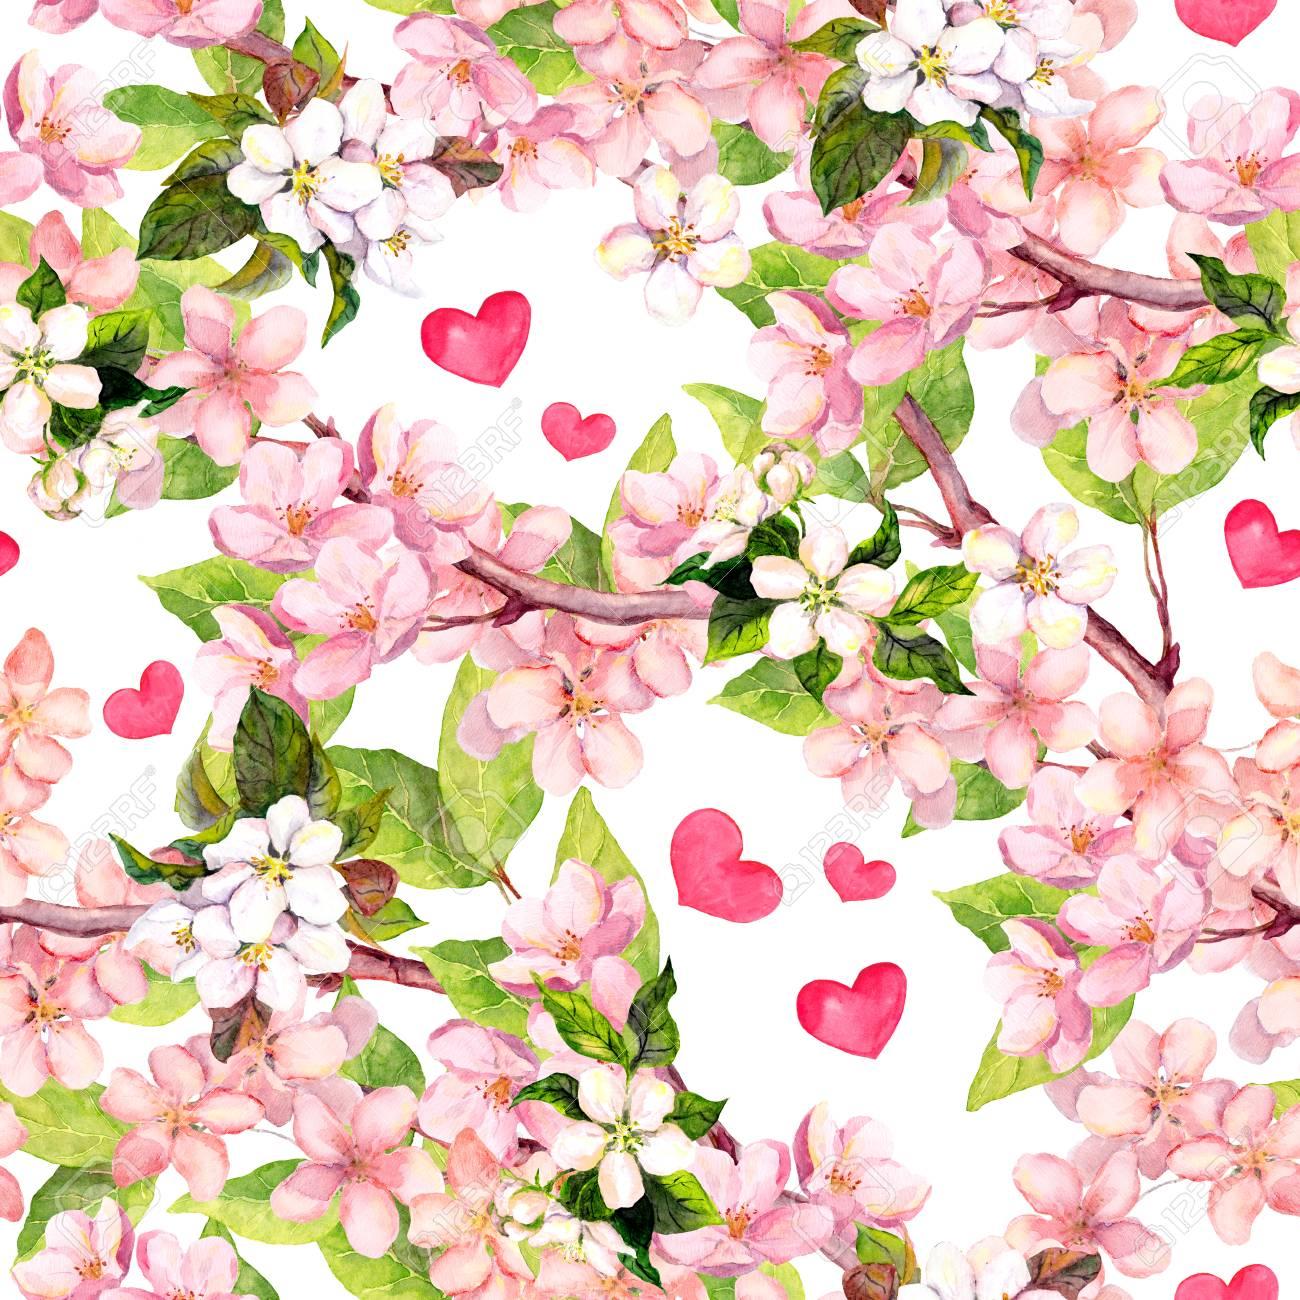 Kirschblute Apfel Rosa Blumen Herzen Floral Sich Wiederholendes